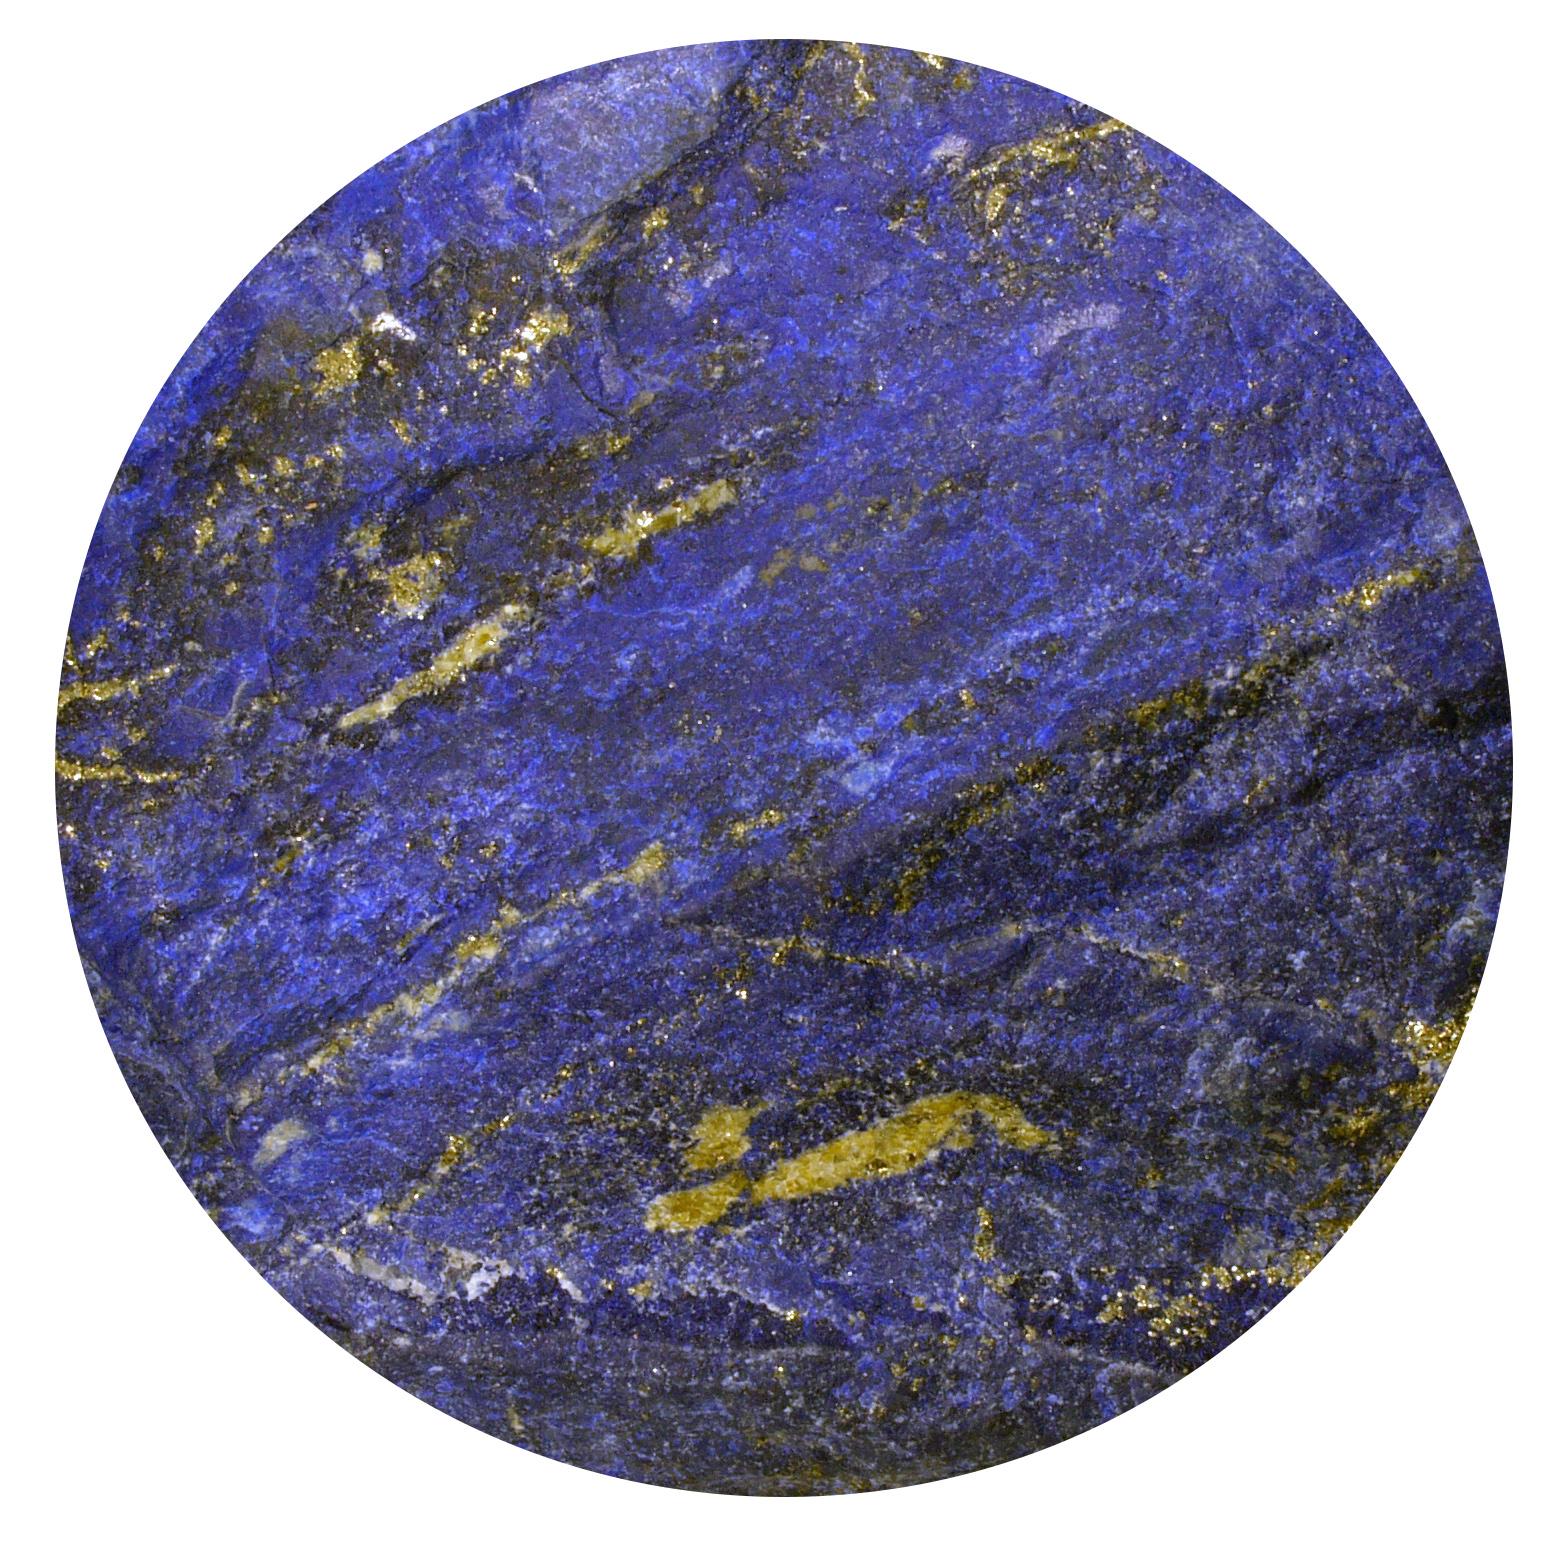 Lapus Lazuli